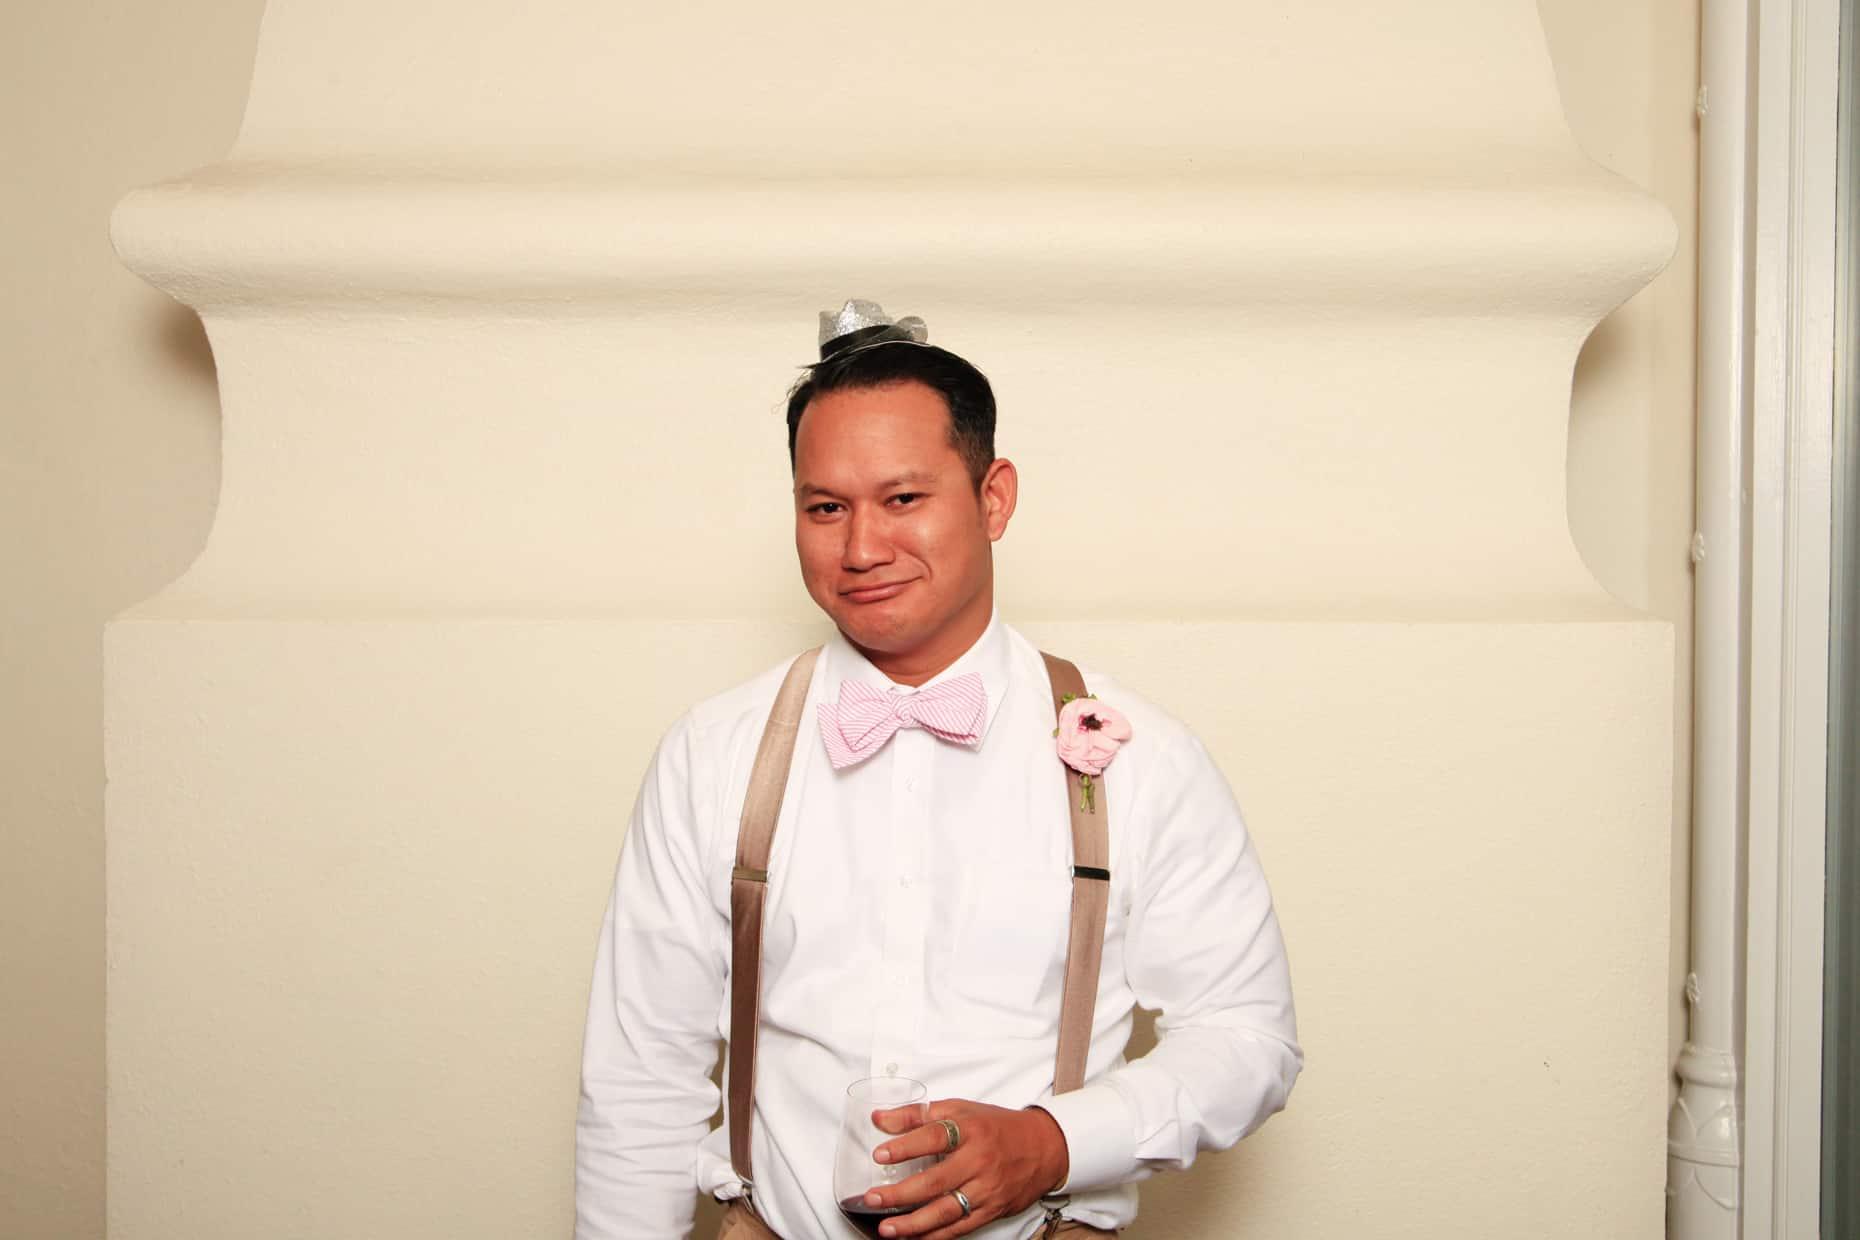 Wedding Photo Booths Philadelphia